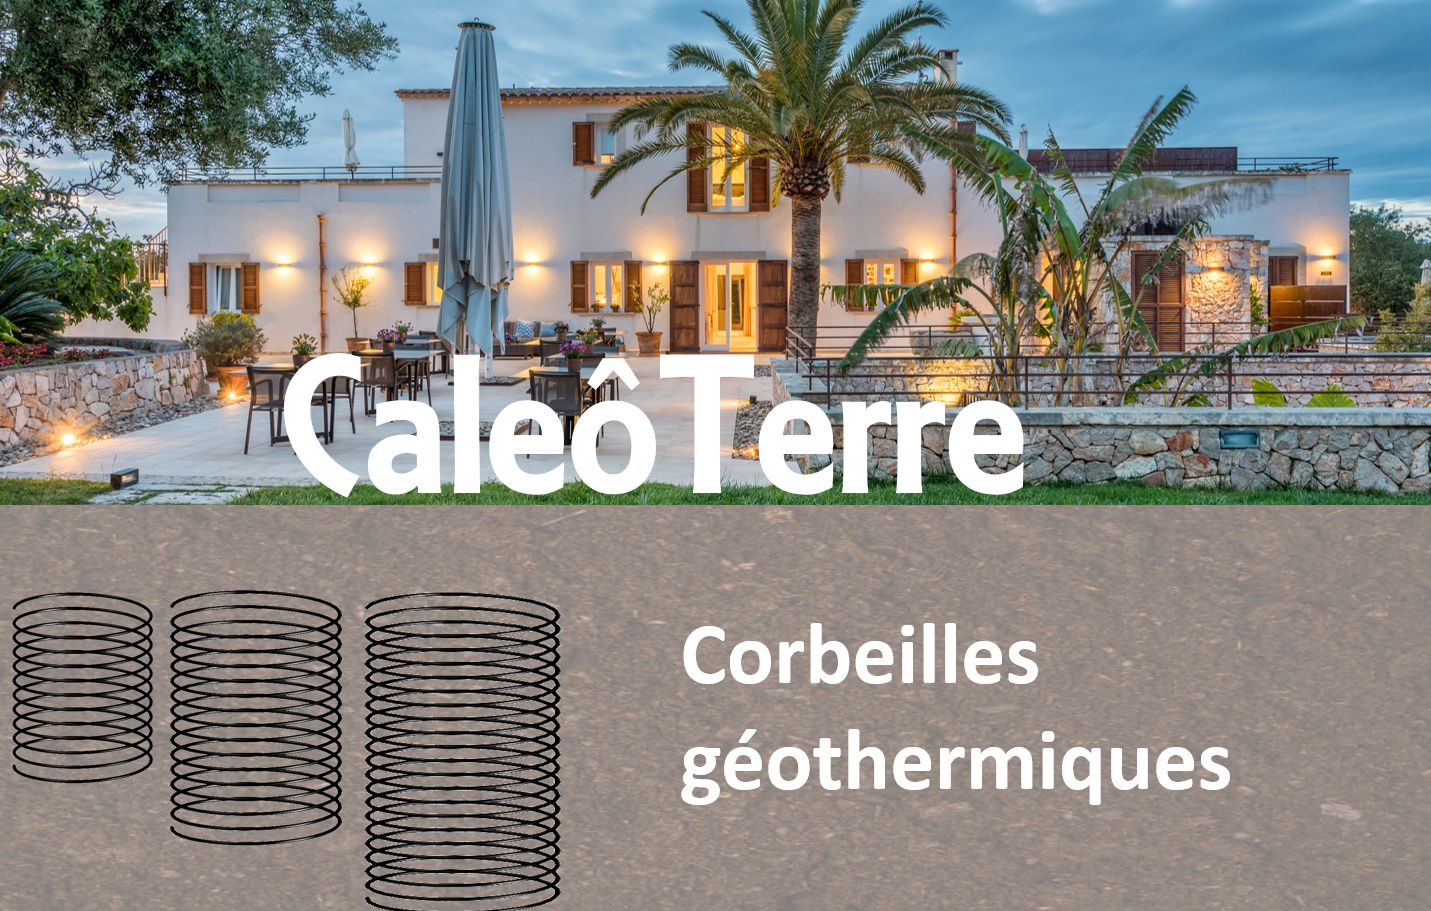 Corbeille géothermique CaleoTerre